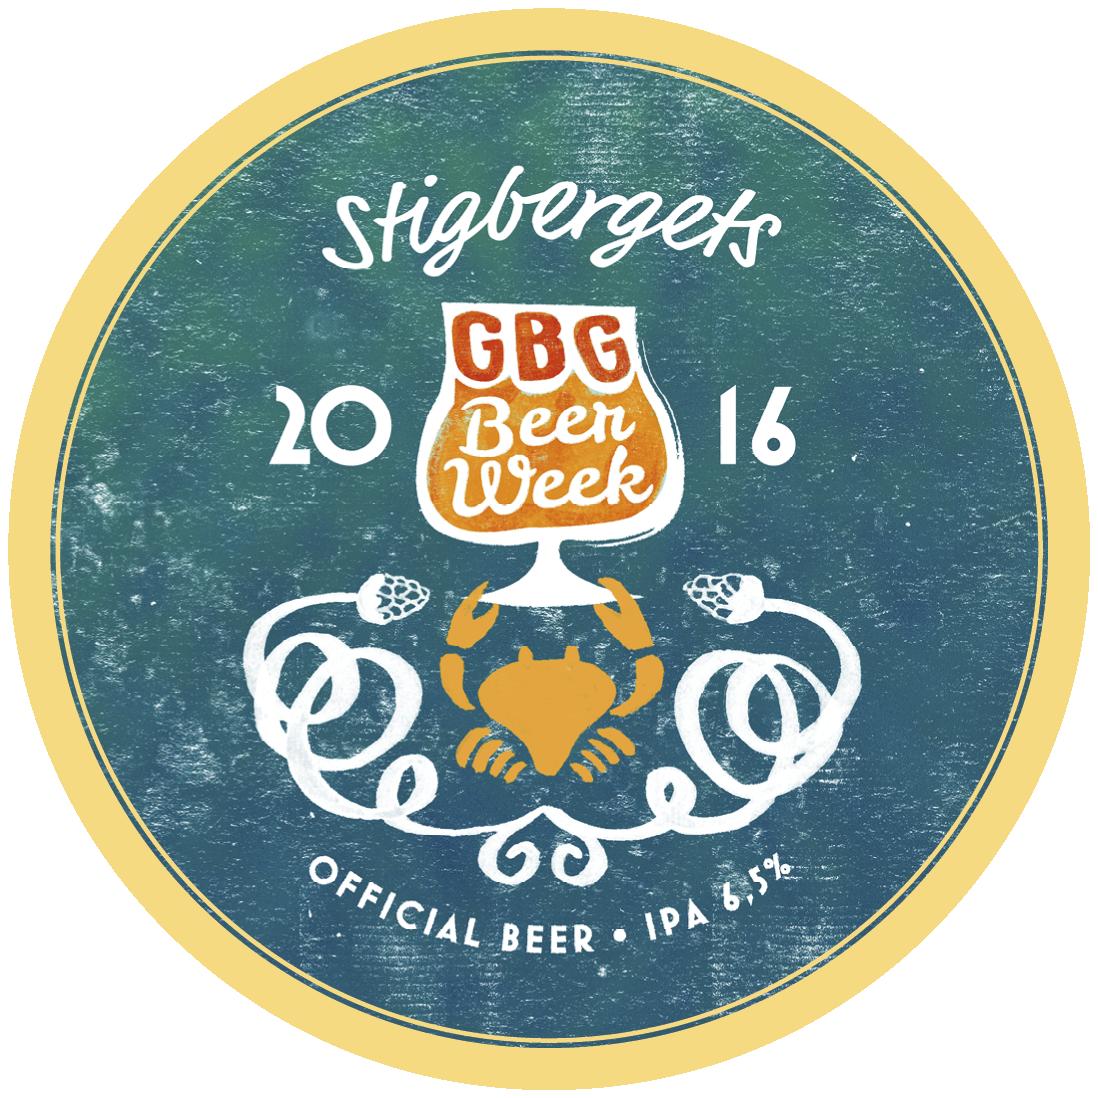 Likt många andra som druckit GBG Beer Week 2016 blev jag ganska tagen av hur förbaskat god den där New England IPA:n var. Den for ju direkt upp på listan över en av världens bästa ipor. I ruset och euforin över att ha smakat ren humlenektar satte jag mig och författade en hyllning till Stigbergets...